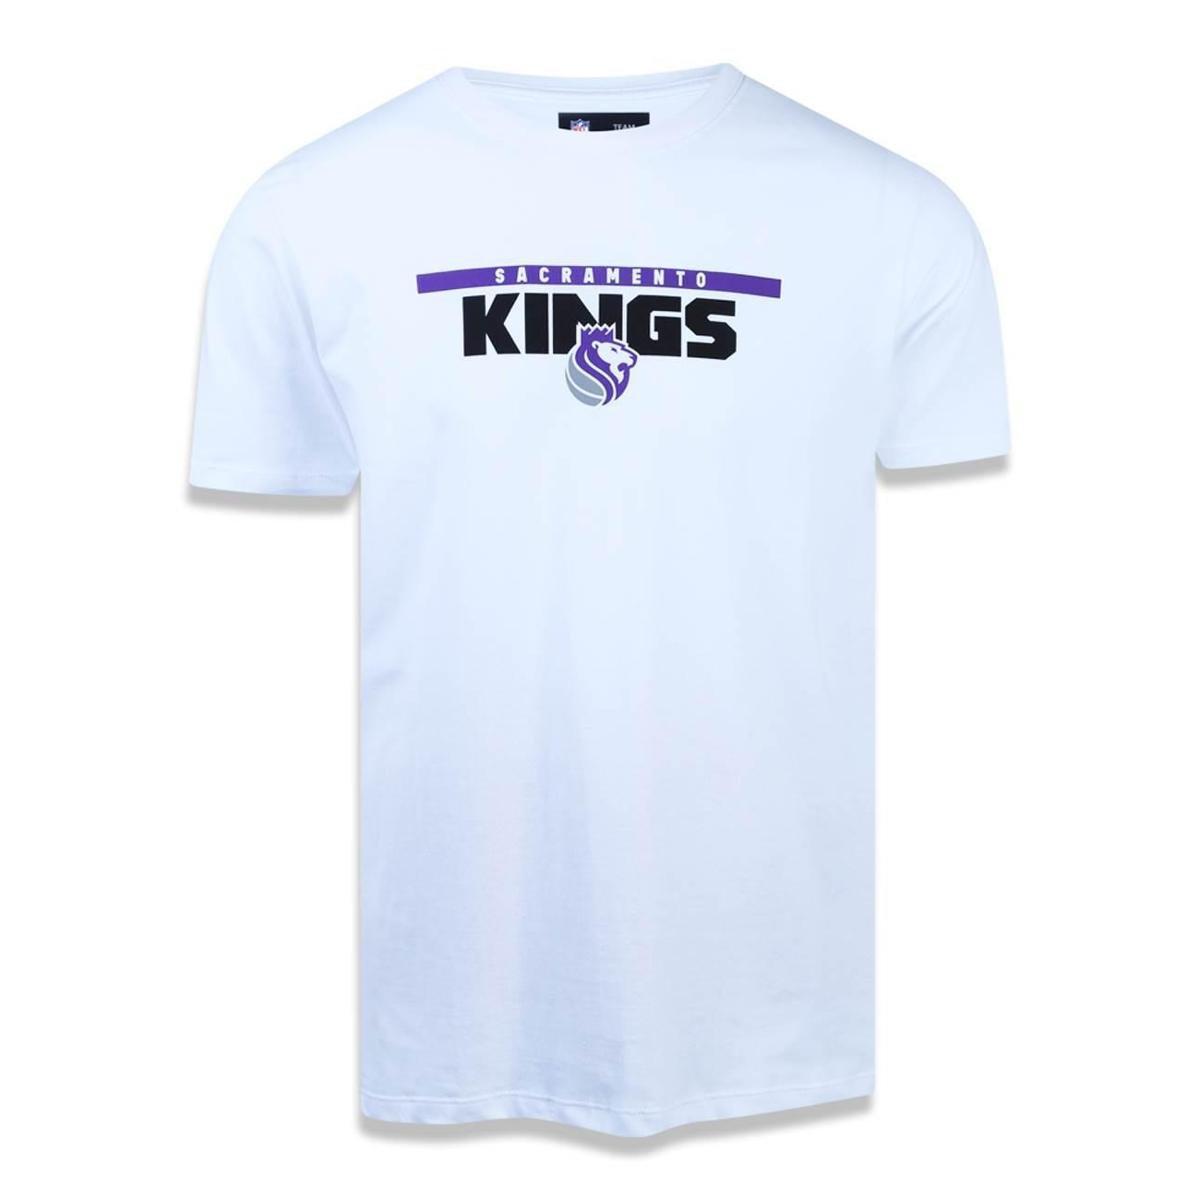 5efa0d0c8596e Camiseta Sacramento Kings NBA New Era Masculina - Branco - Compre Agora